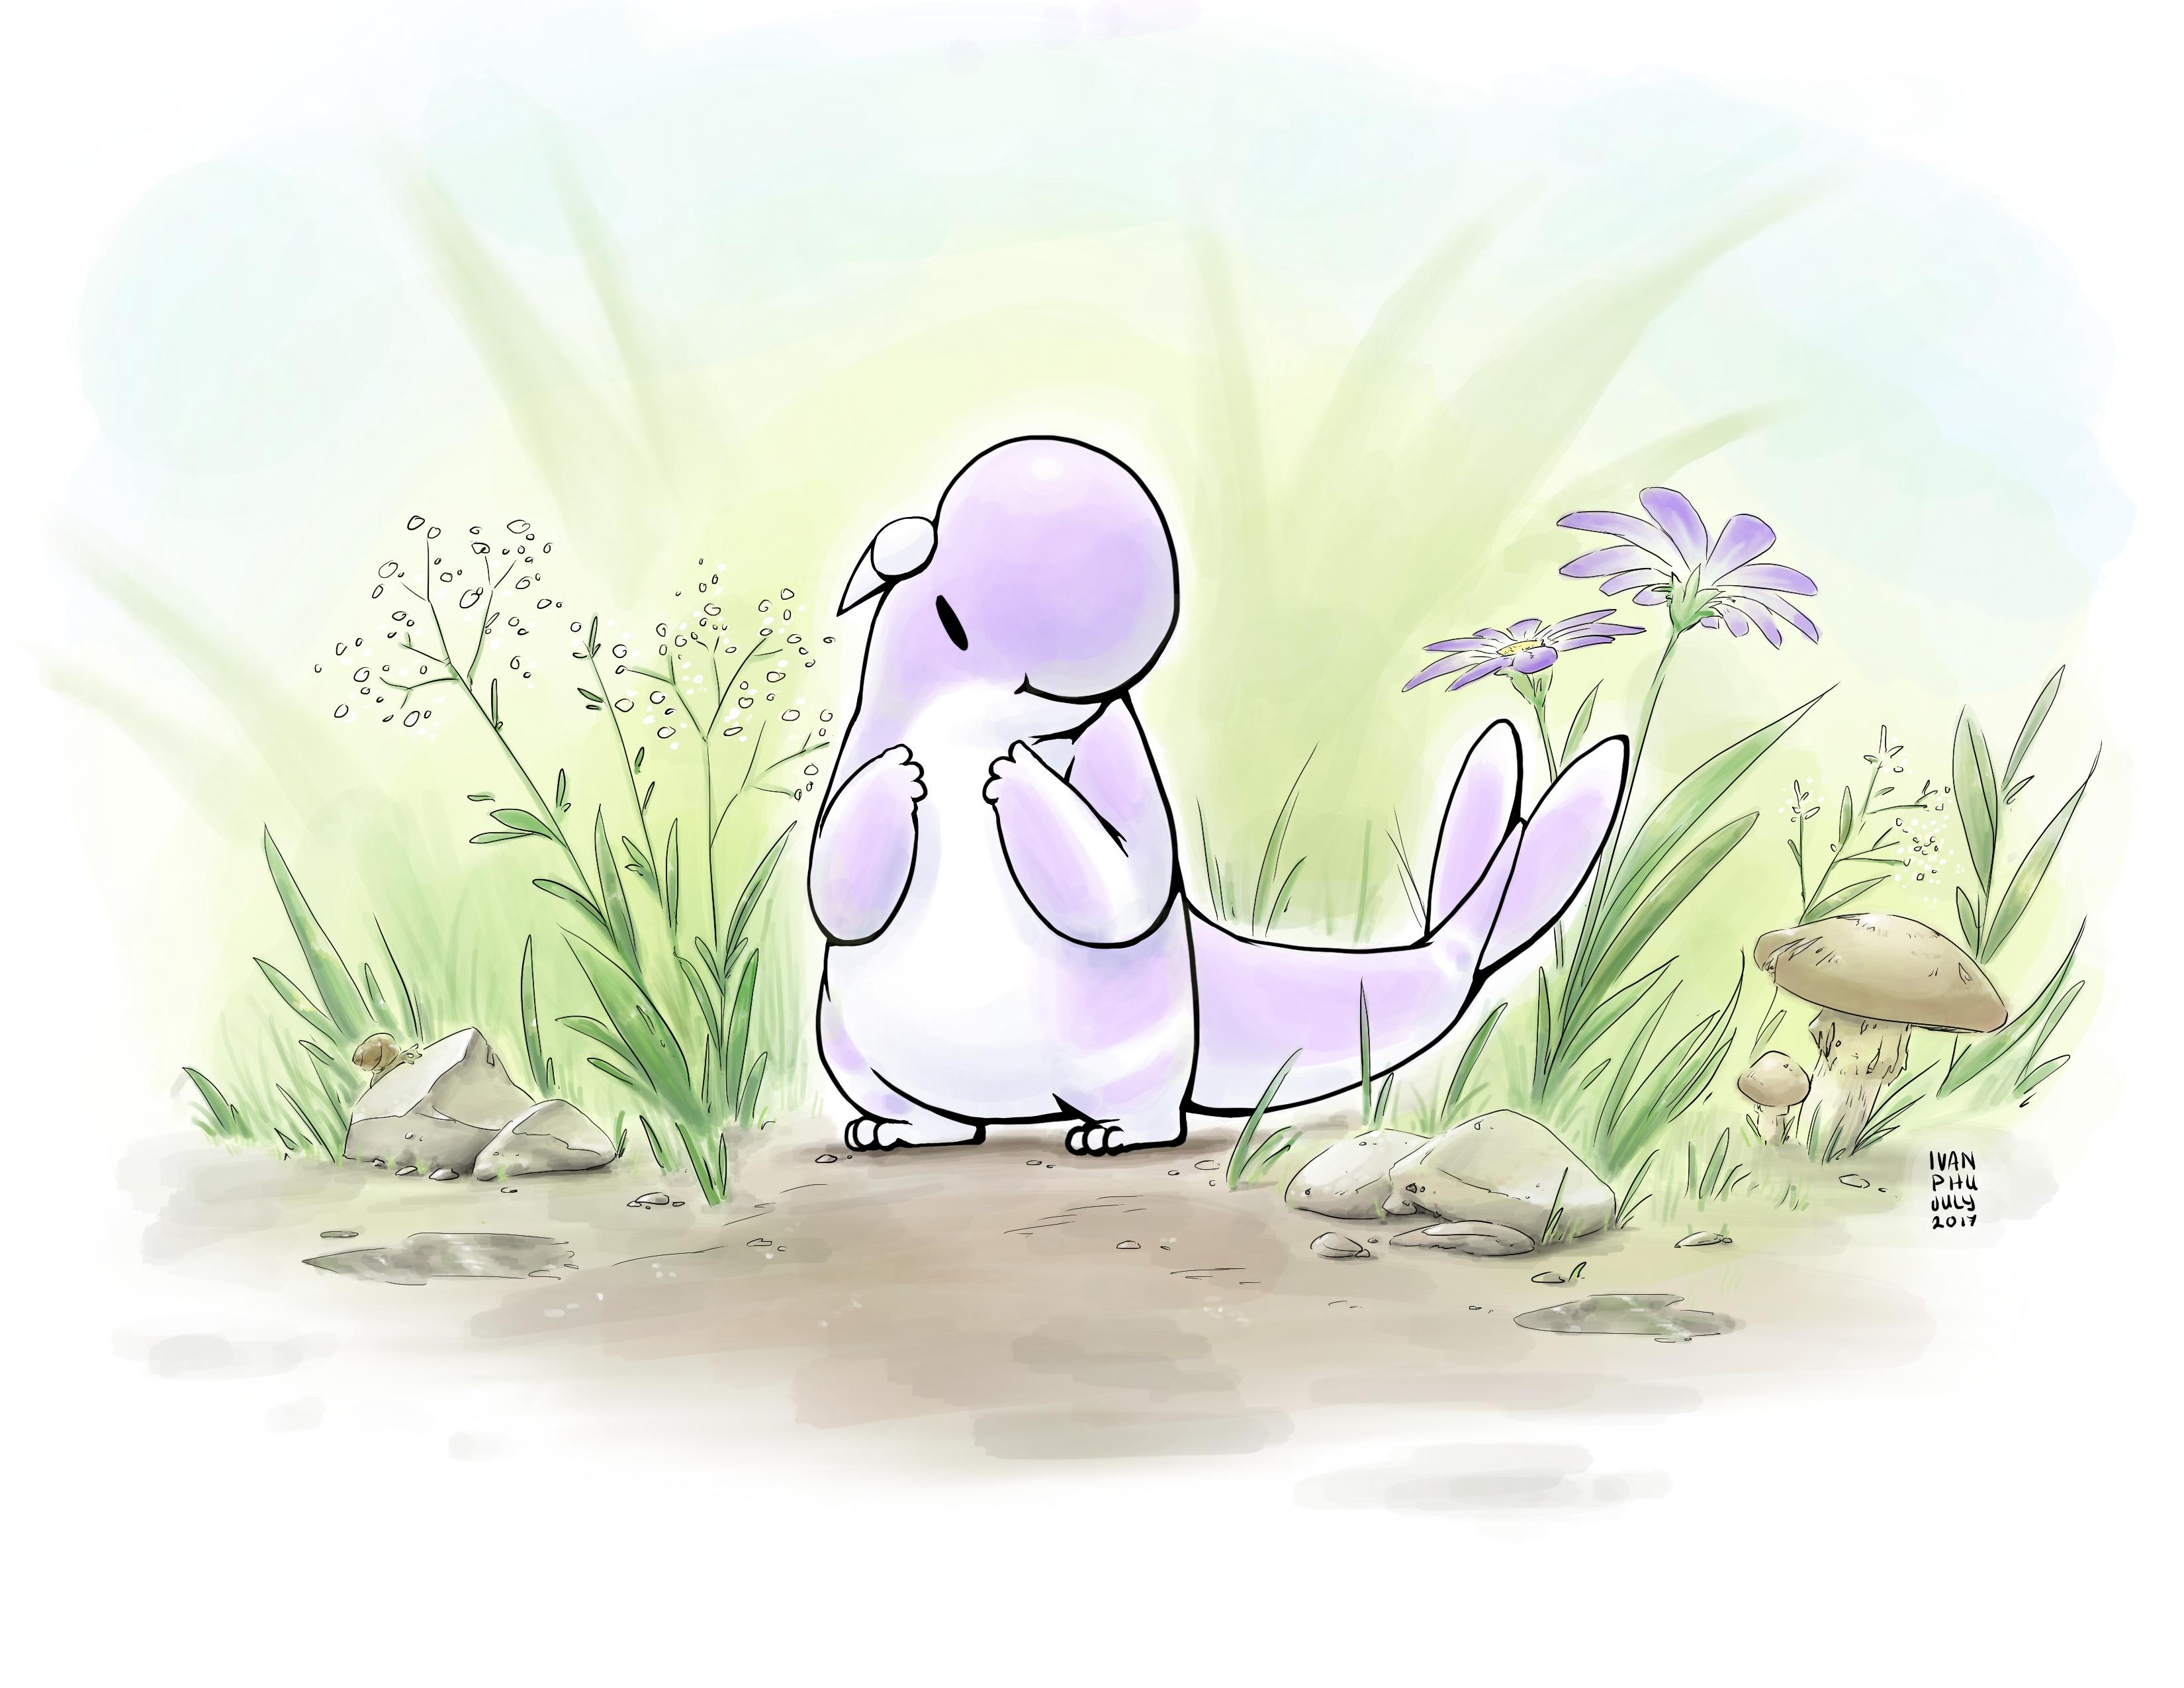 Garden moop